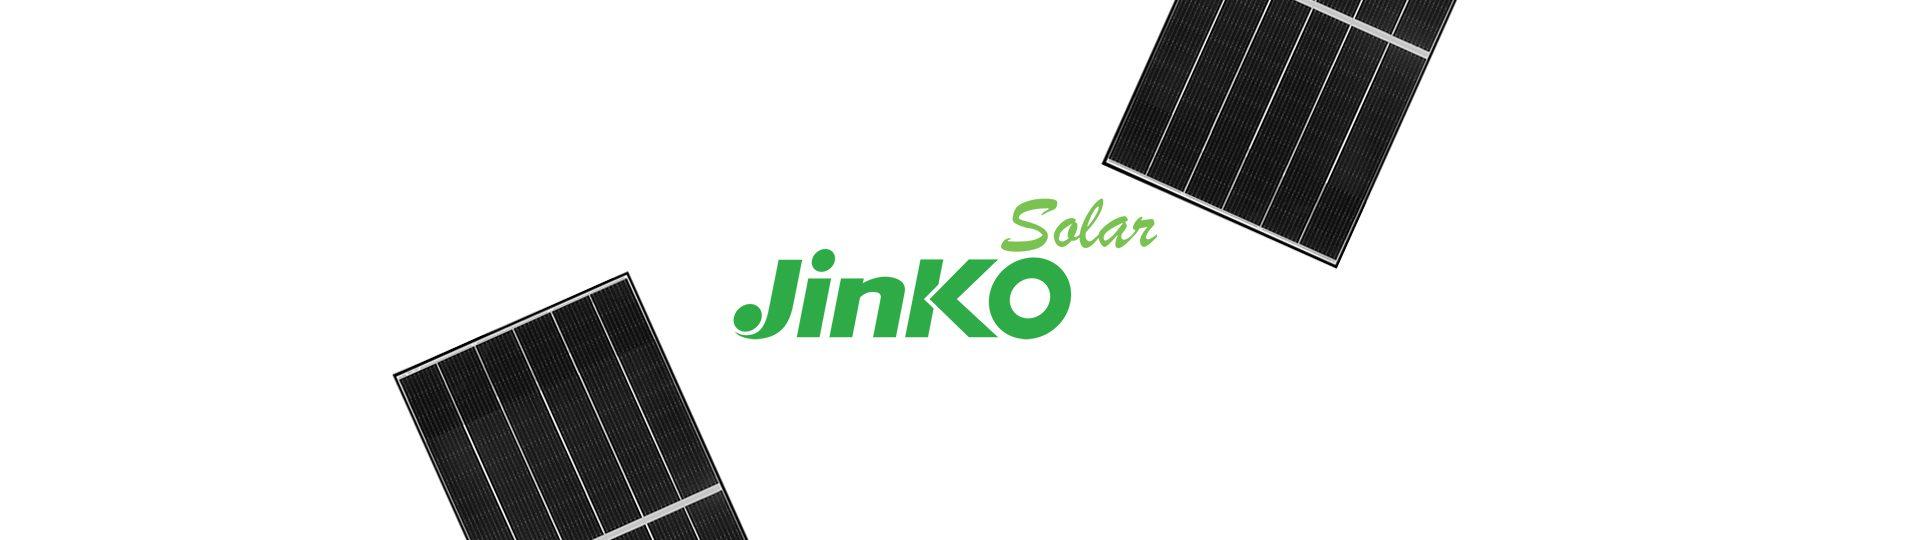 products-logo-carousel-jinko